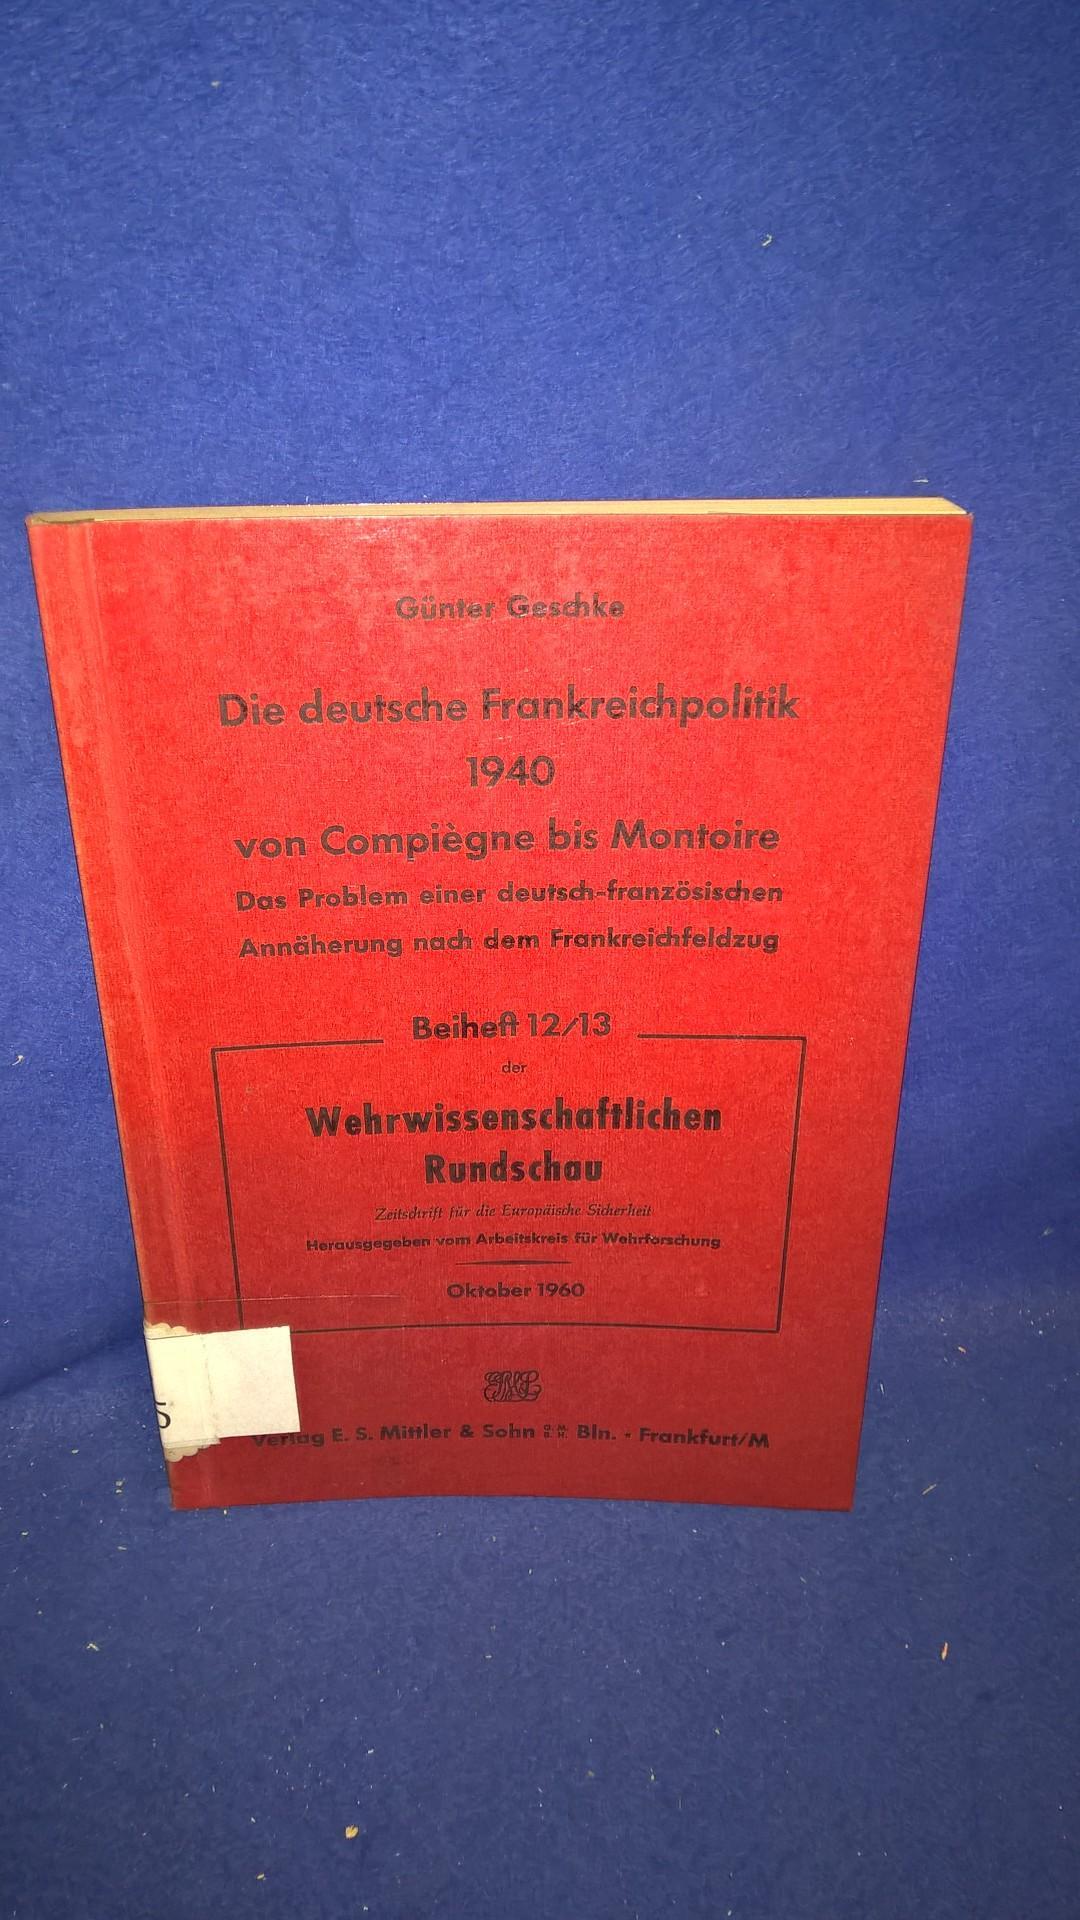 Die deutsche Frankreichpolitik 1940 von Compiègne bis Montoire. Das Problem einer deutsch-französischen Annäherung nach dem Frankreichfeldzug.